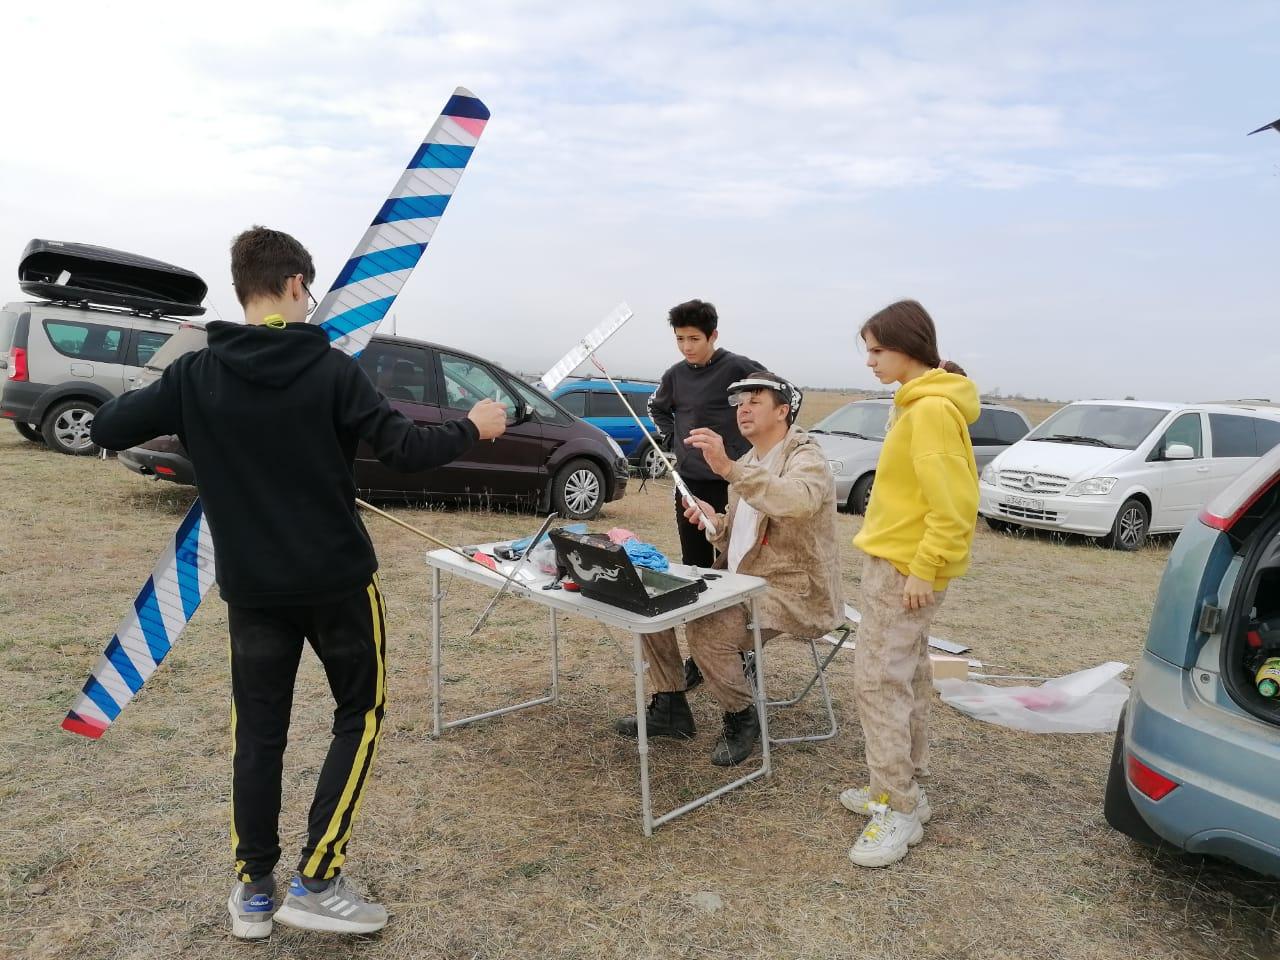 Североосетинские авиамоделисты успешно выступили на этапах Кубка России в КБР